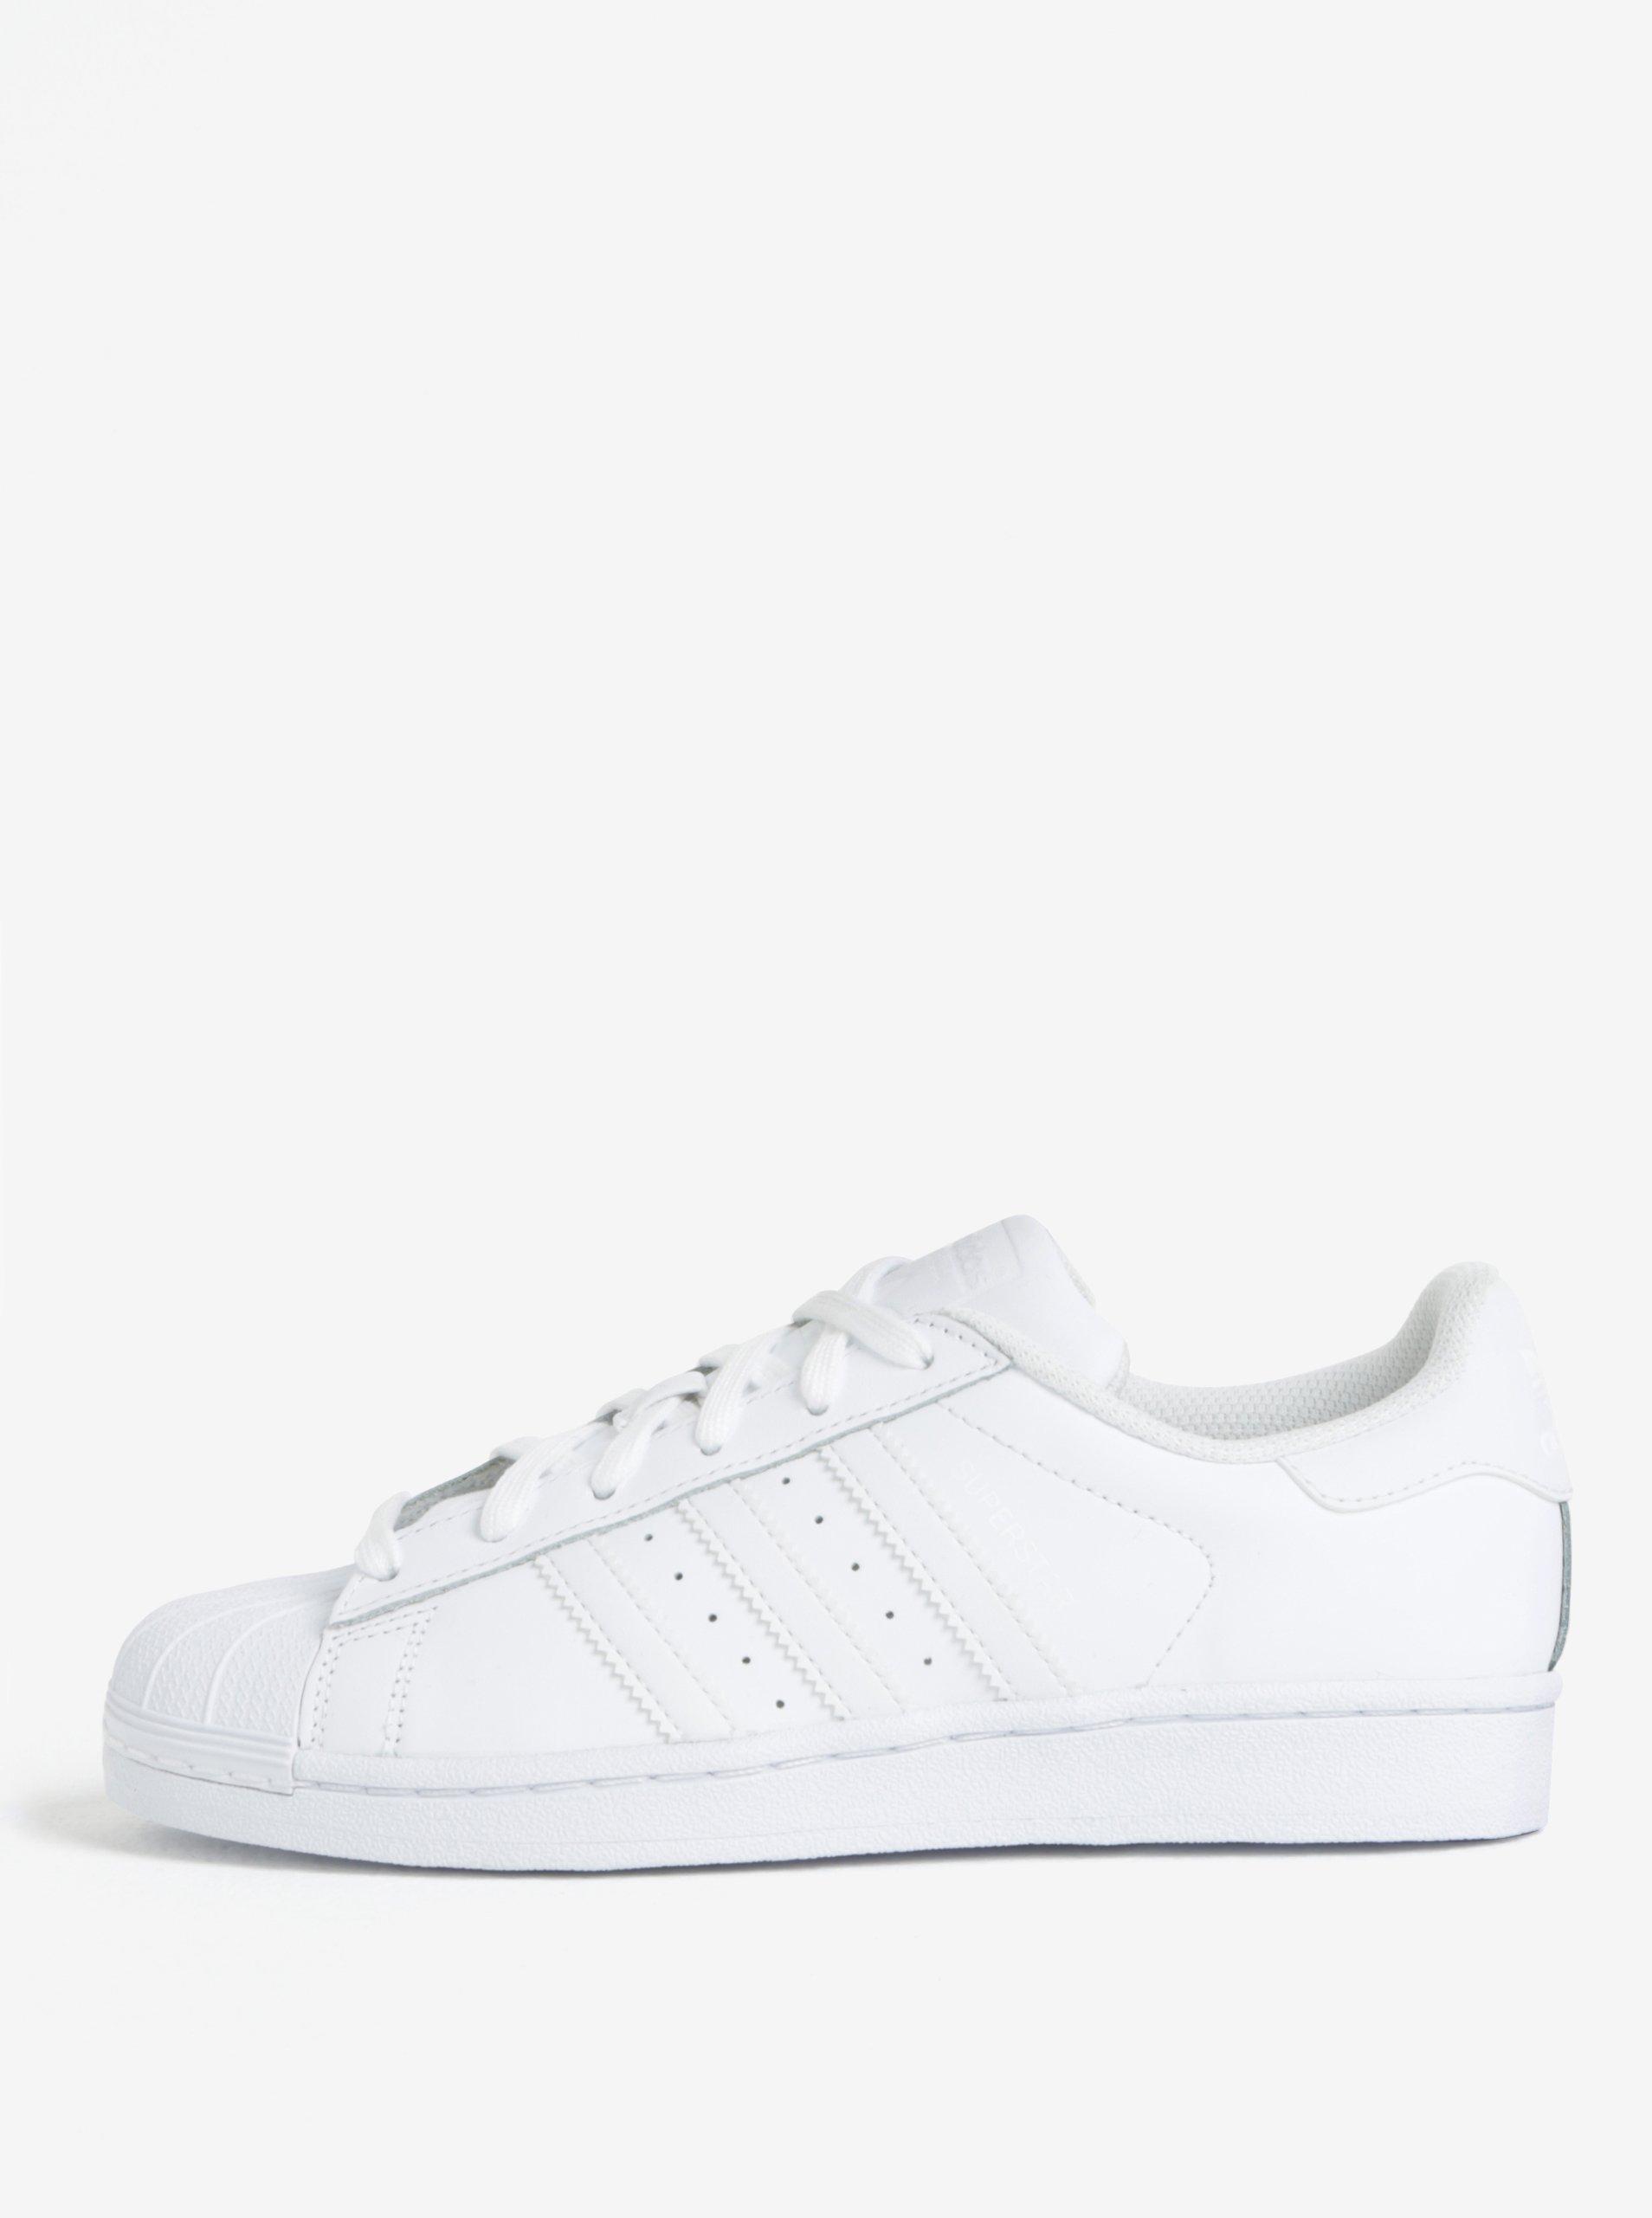 Bílé tenisky adidas Originals Superstar ff299e898d